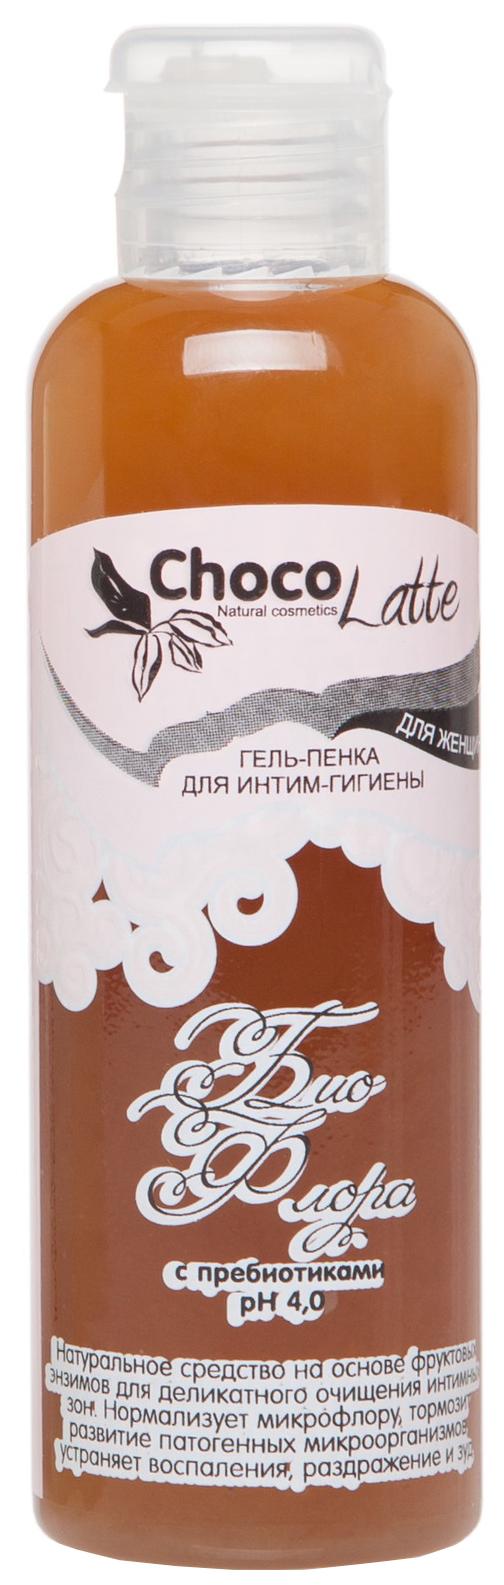 Средство для интимной гигиены ChocoLatte Био Флора